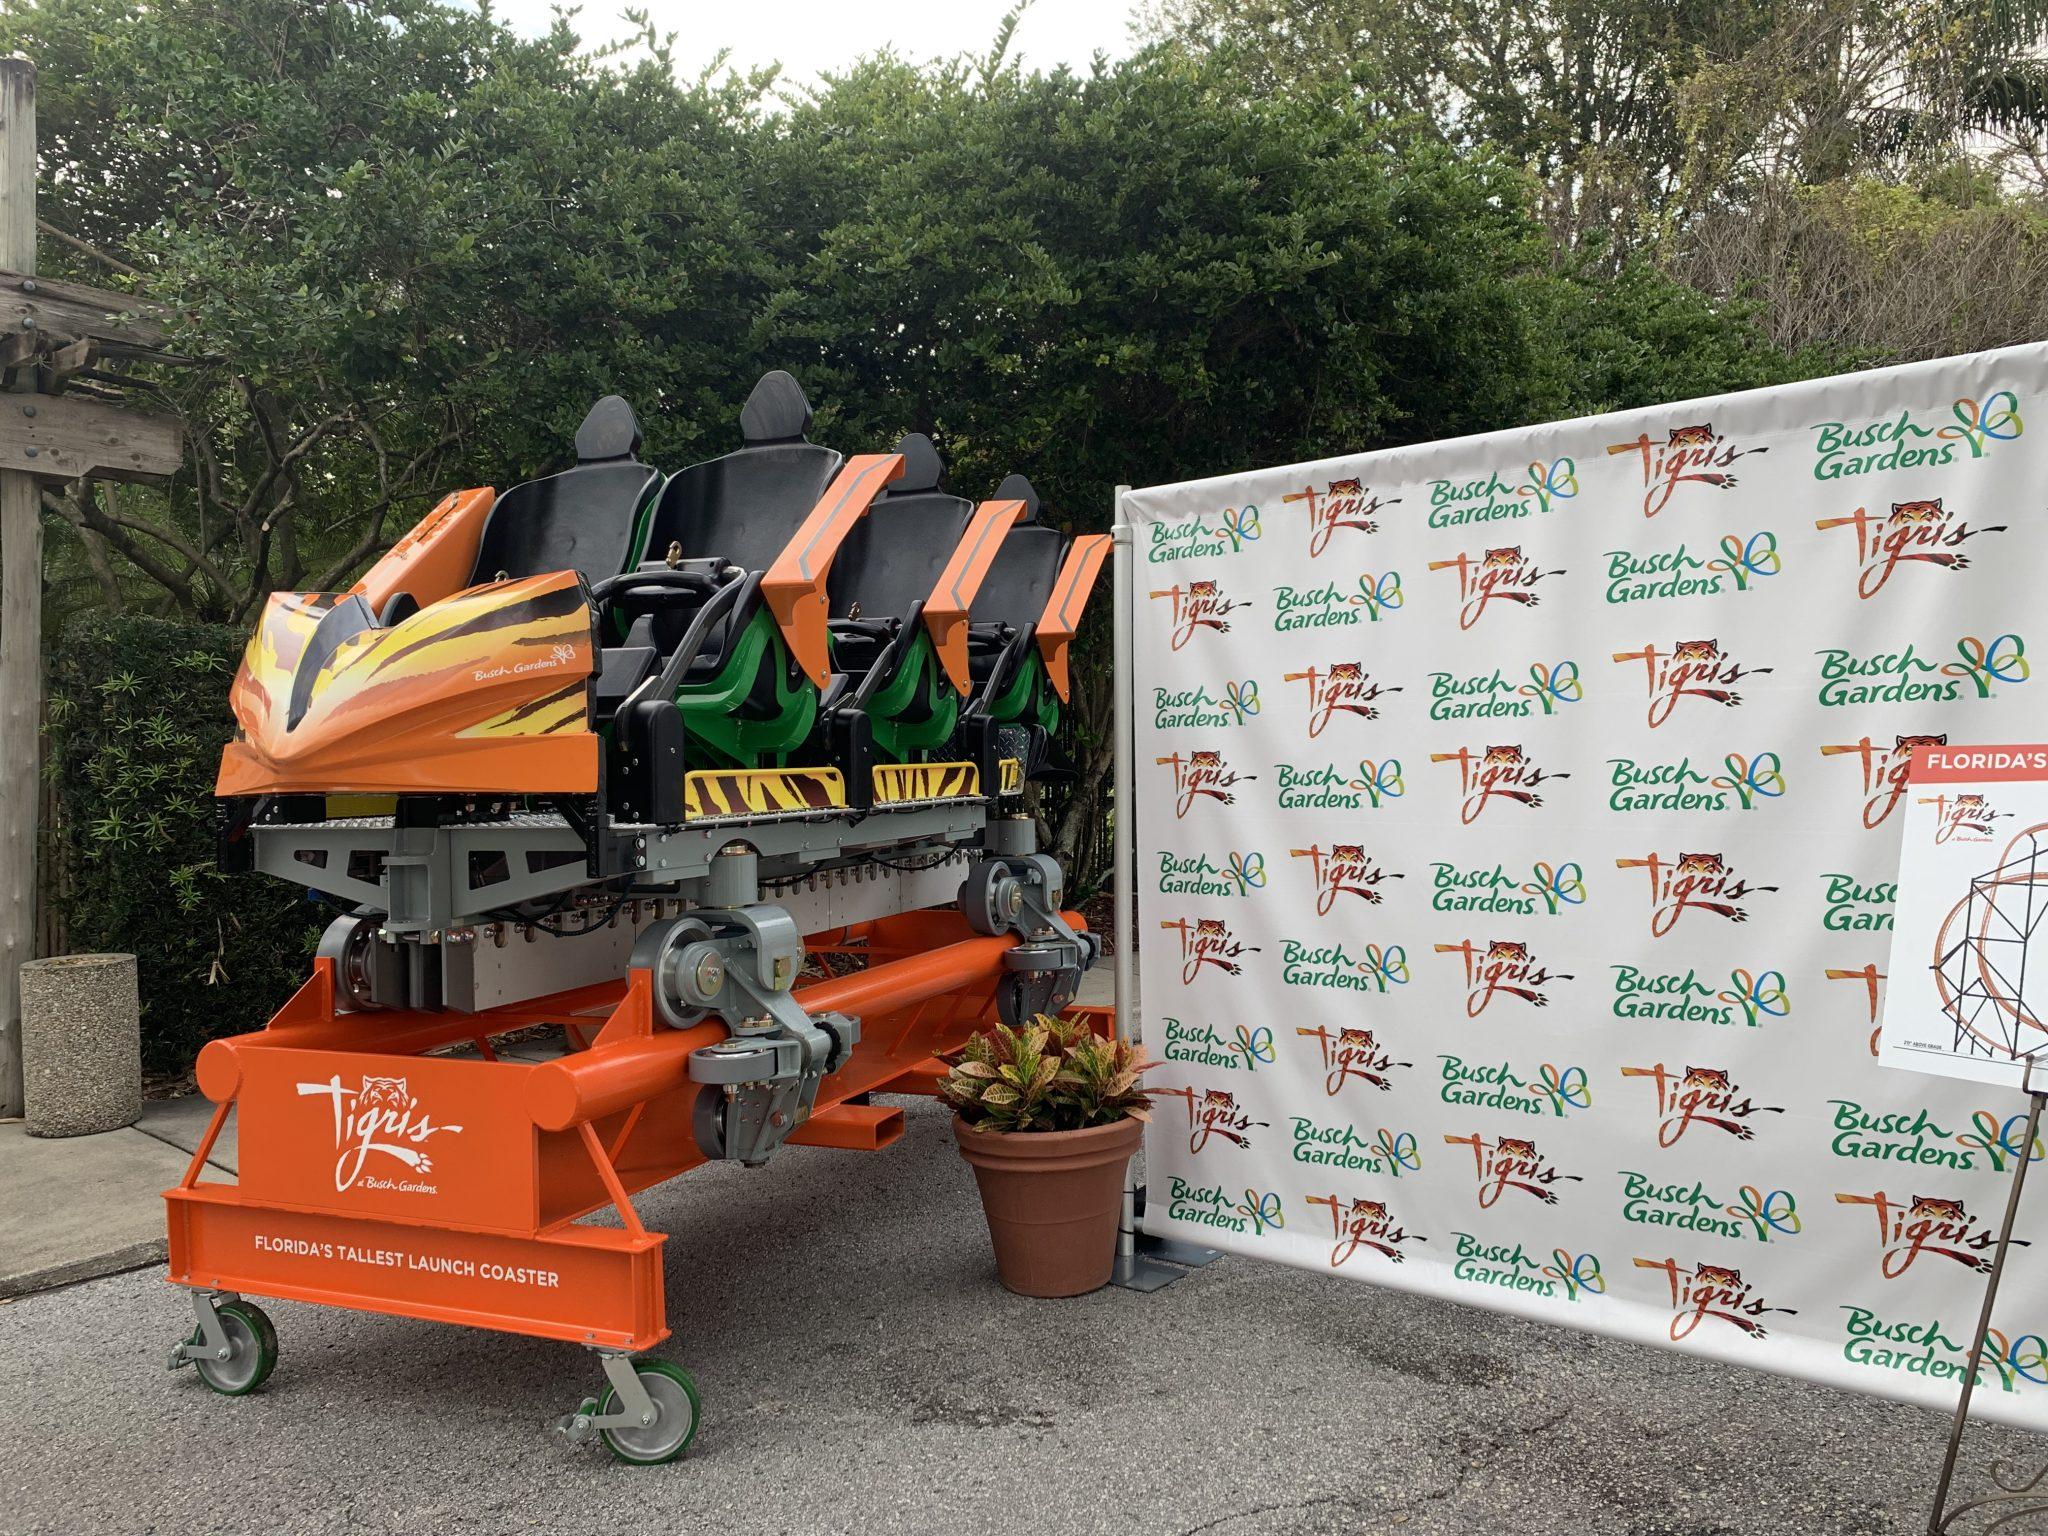 Ride car for Tigris at Busch Gardens Tampa Bay